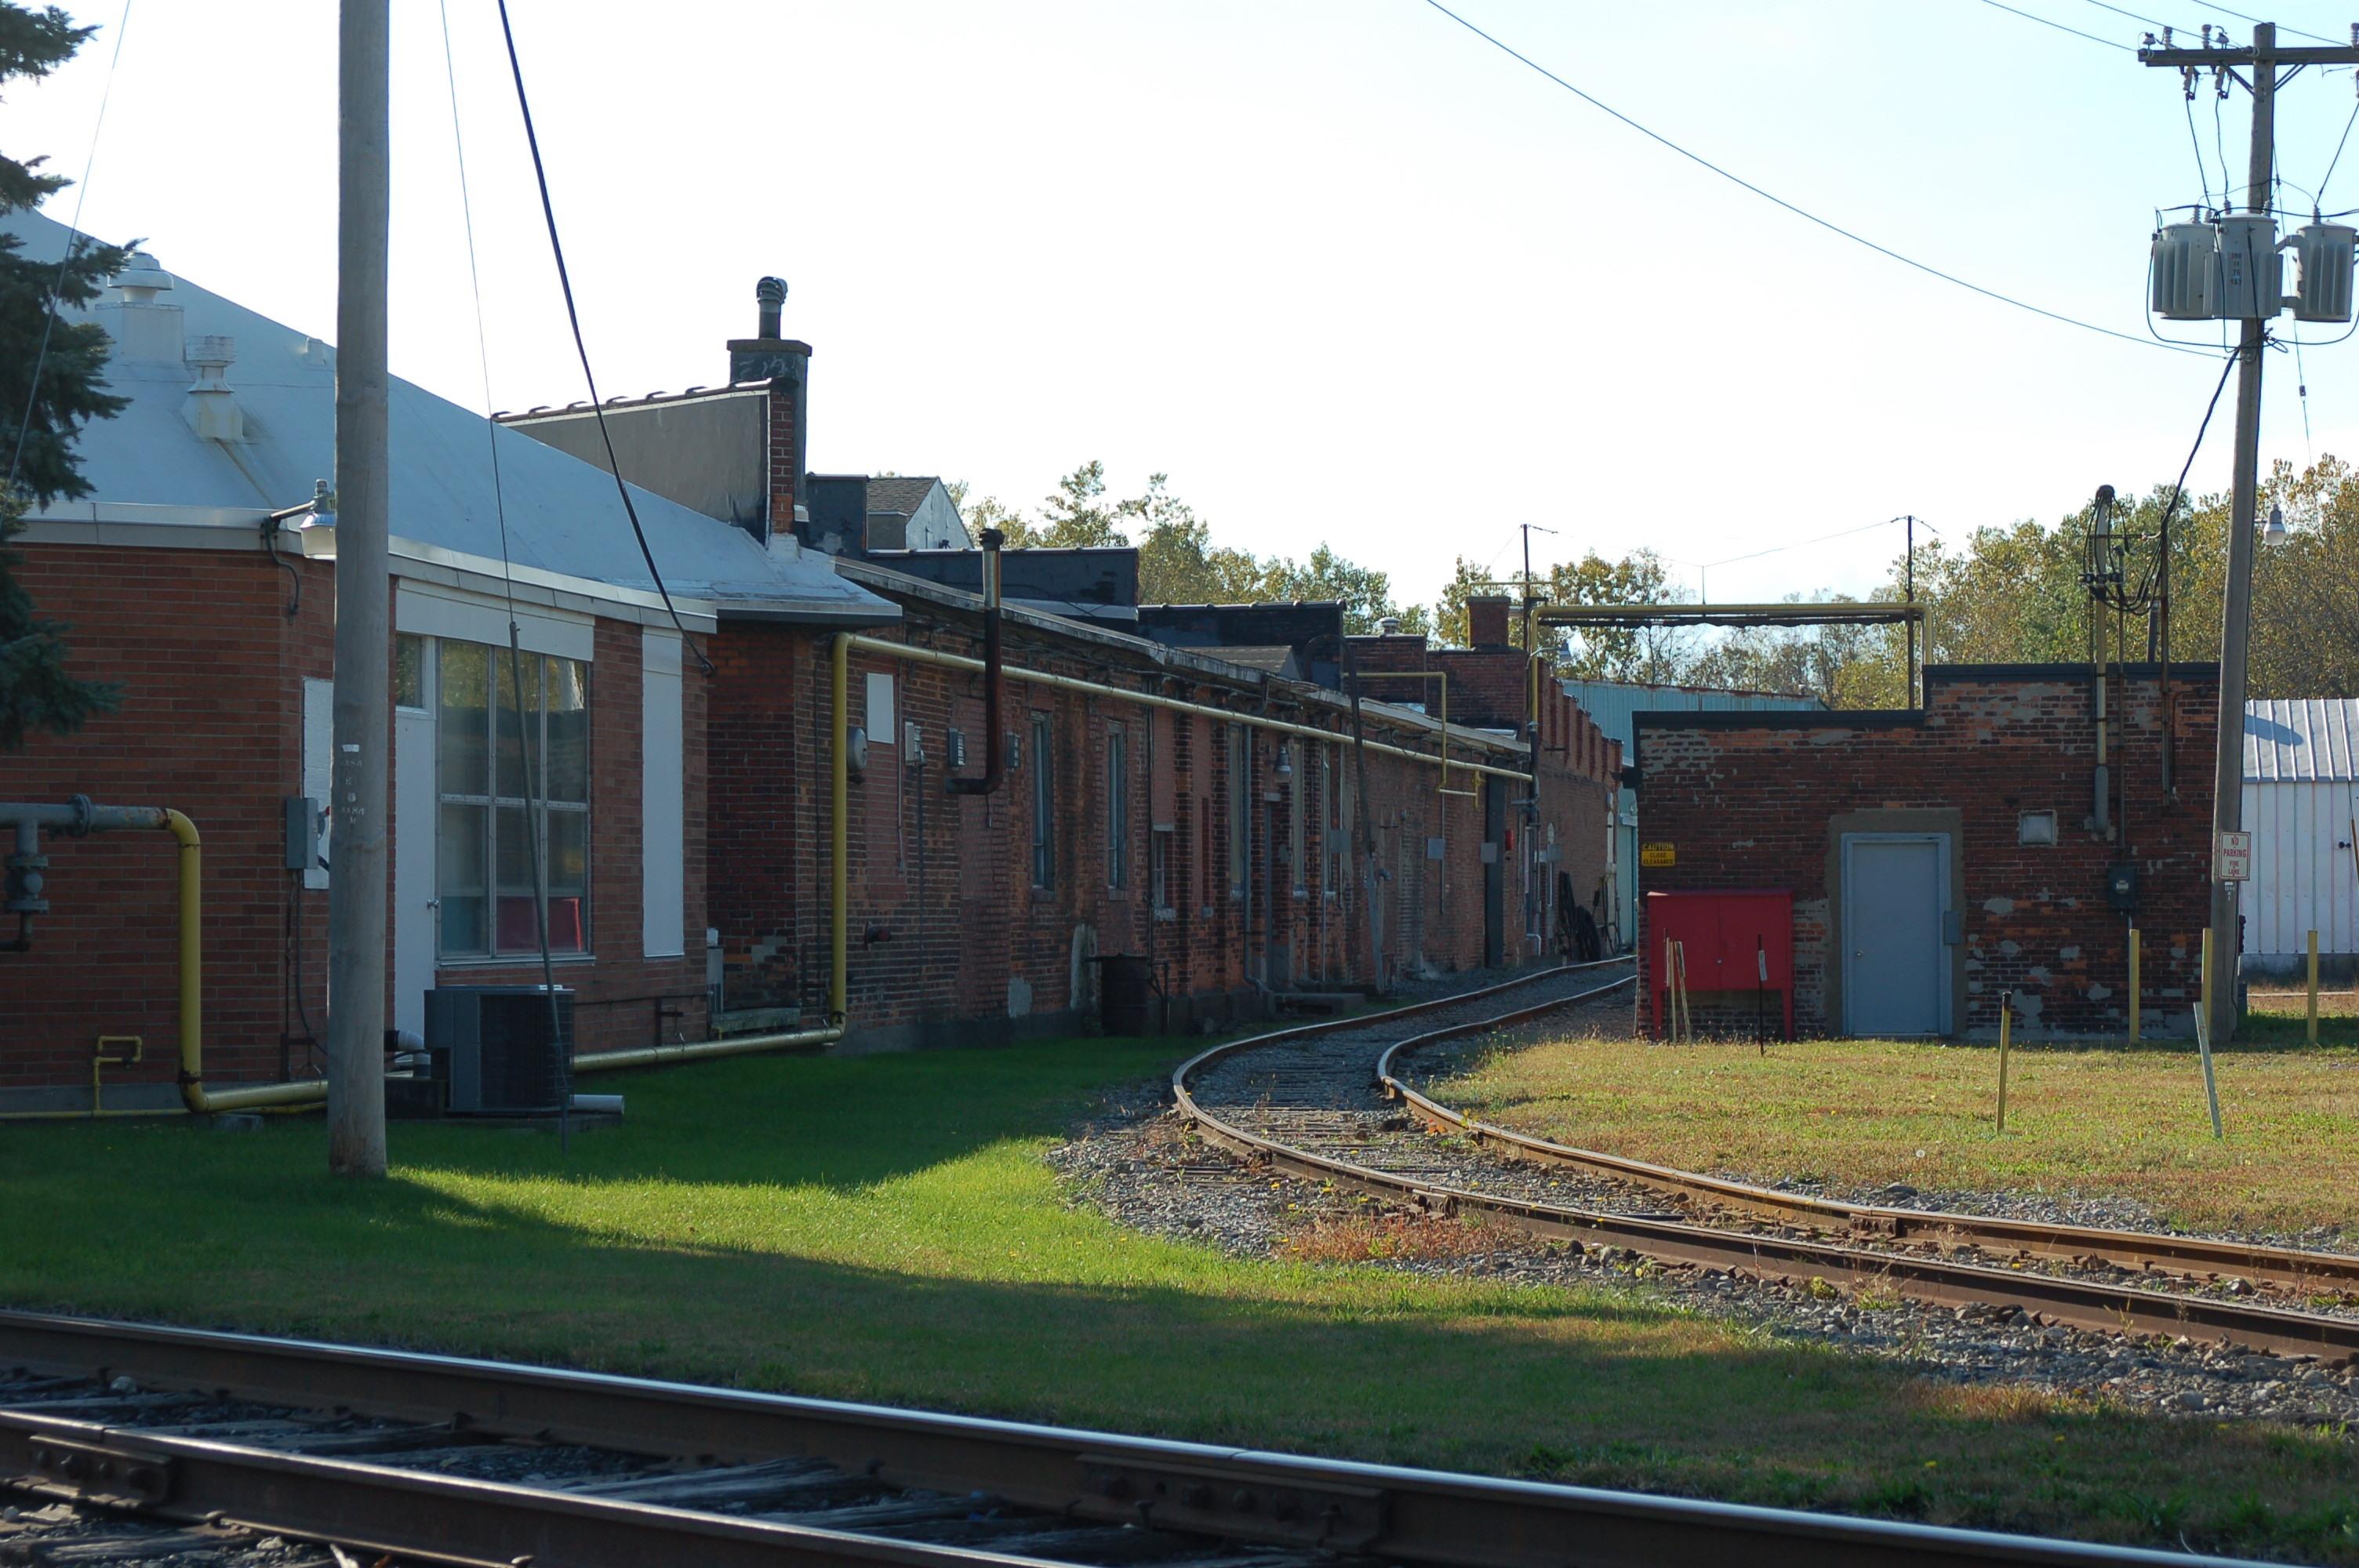 1174 Erie Ave, photo 5 (2008).jpg